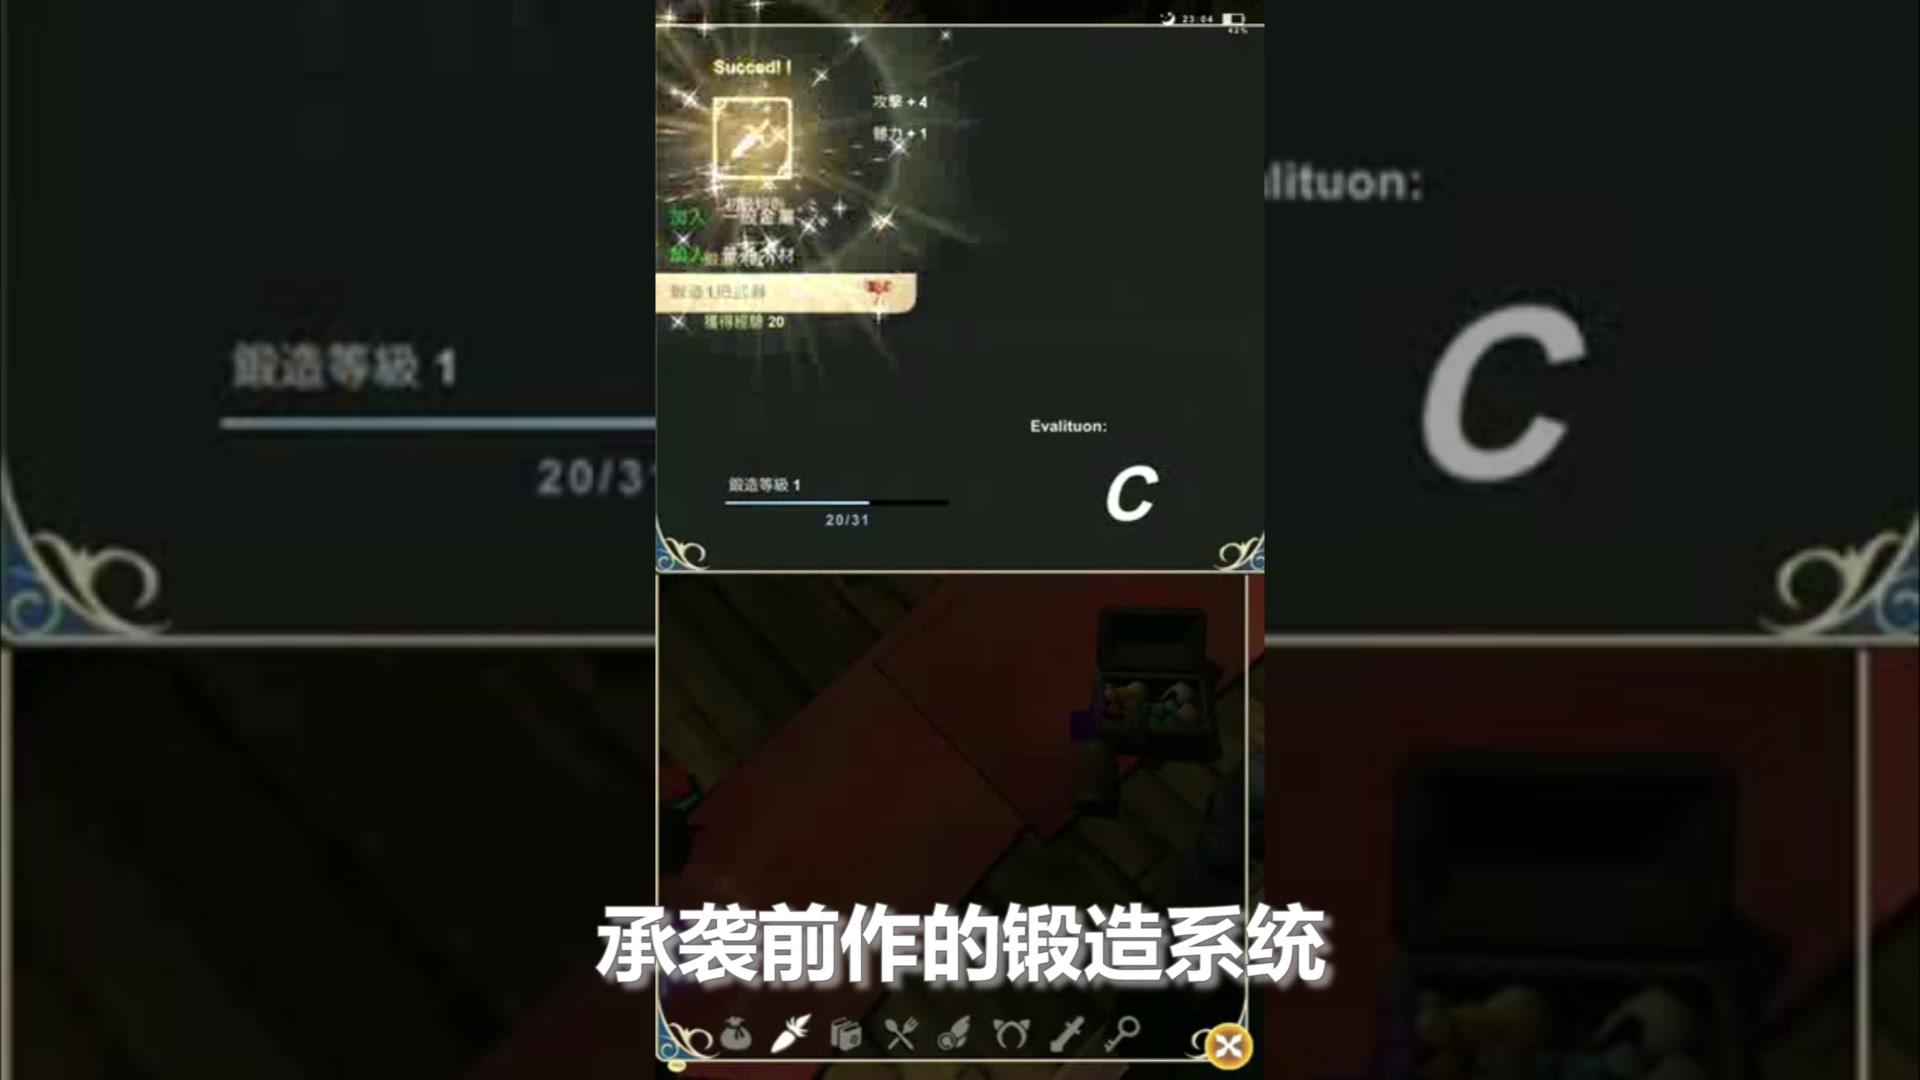 《工匠物语2》试玩视频-17173新游秒懂